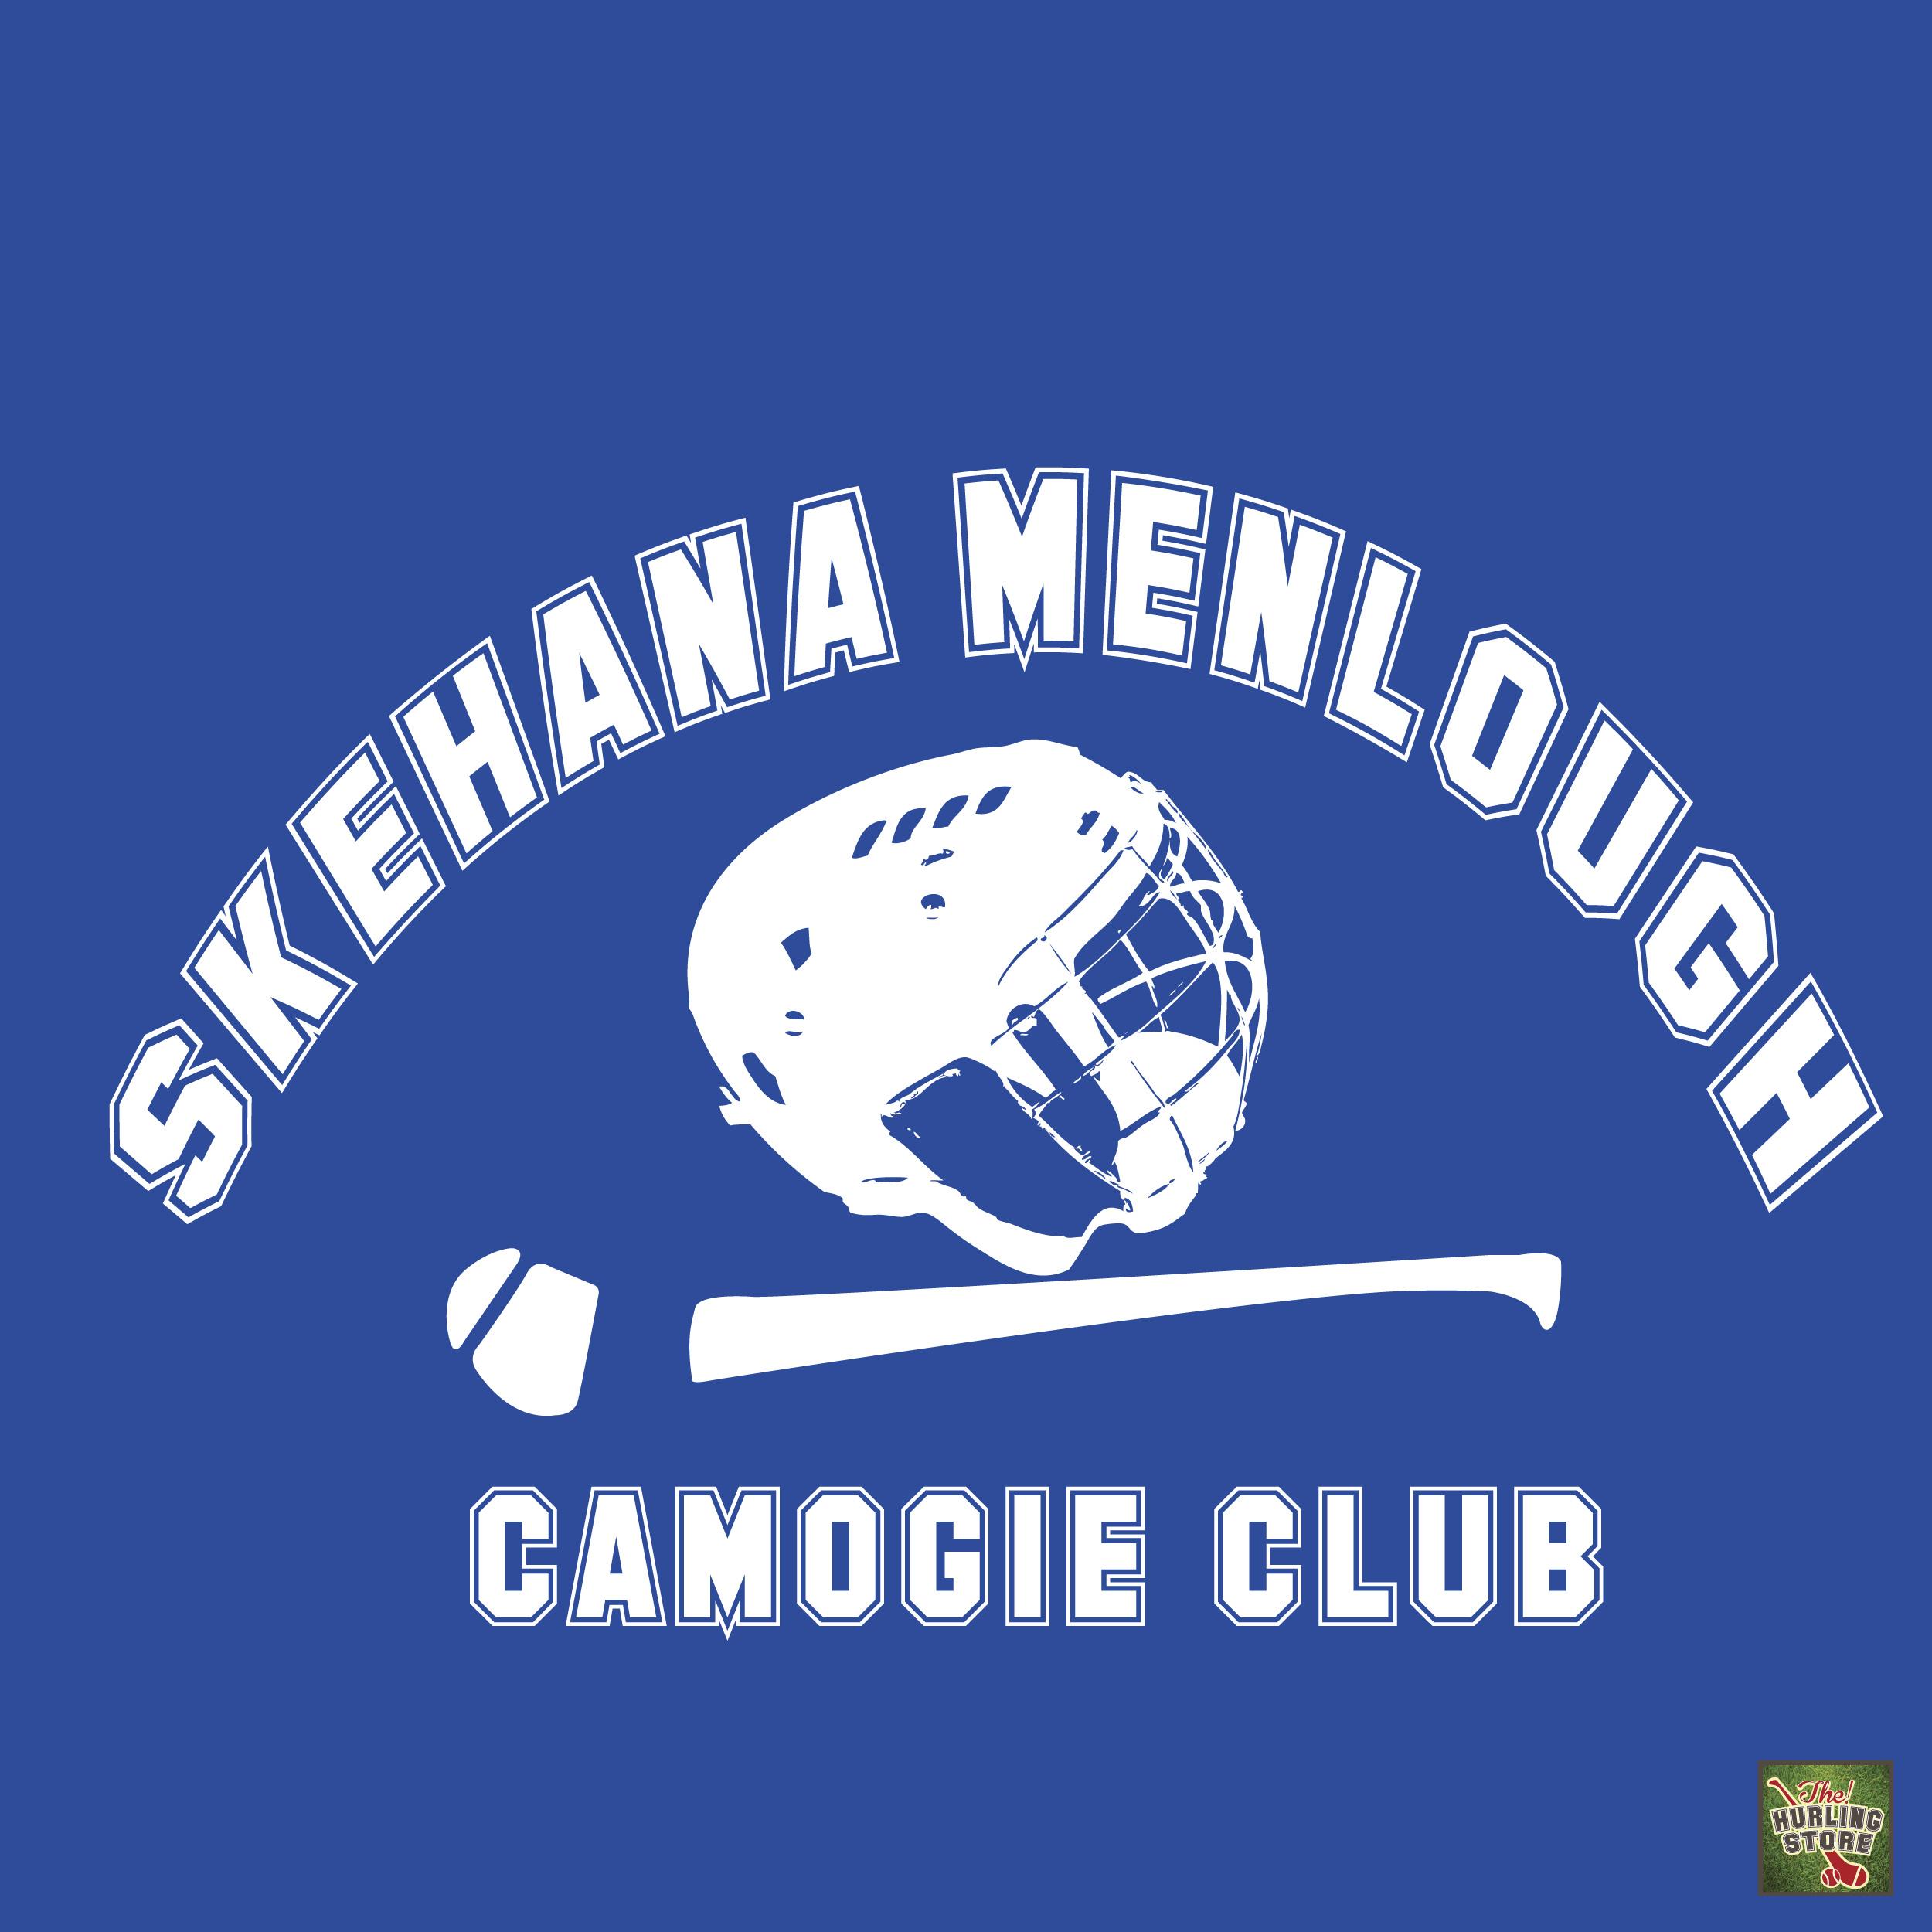 Skehana Hurling & Camogie